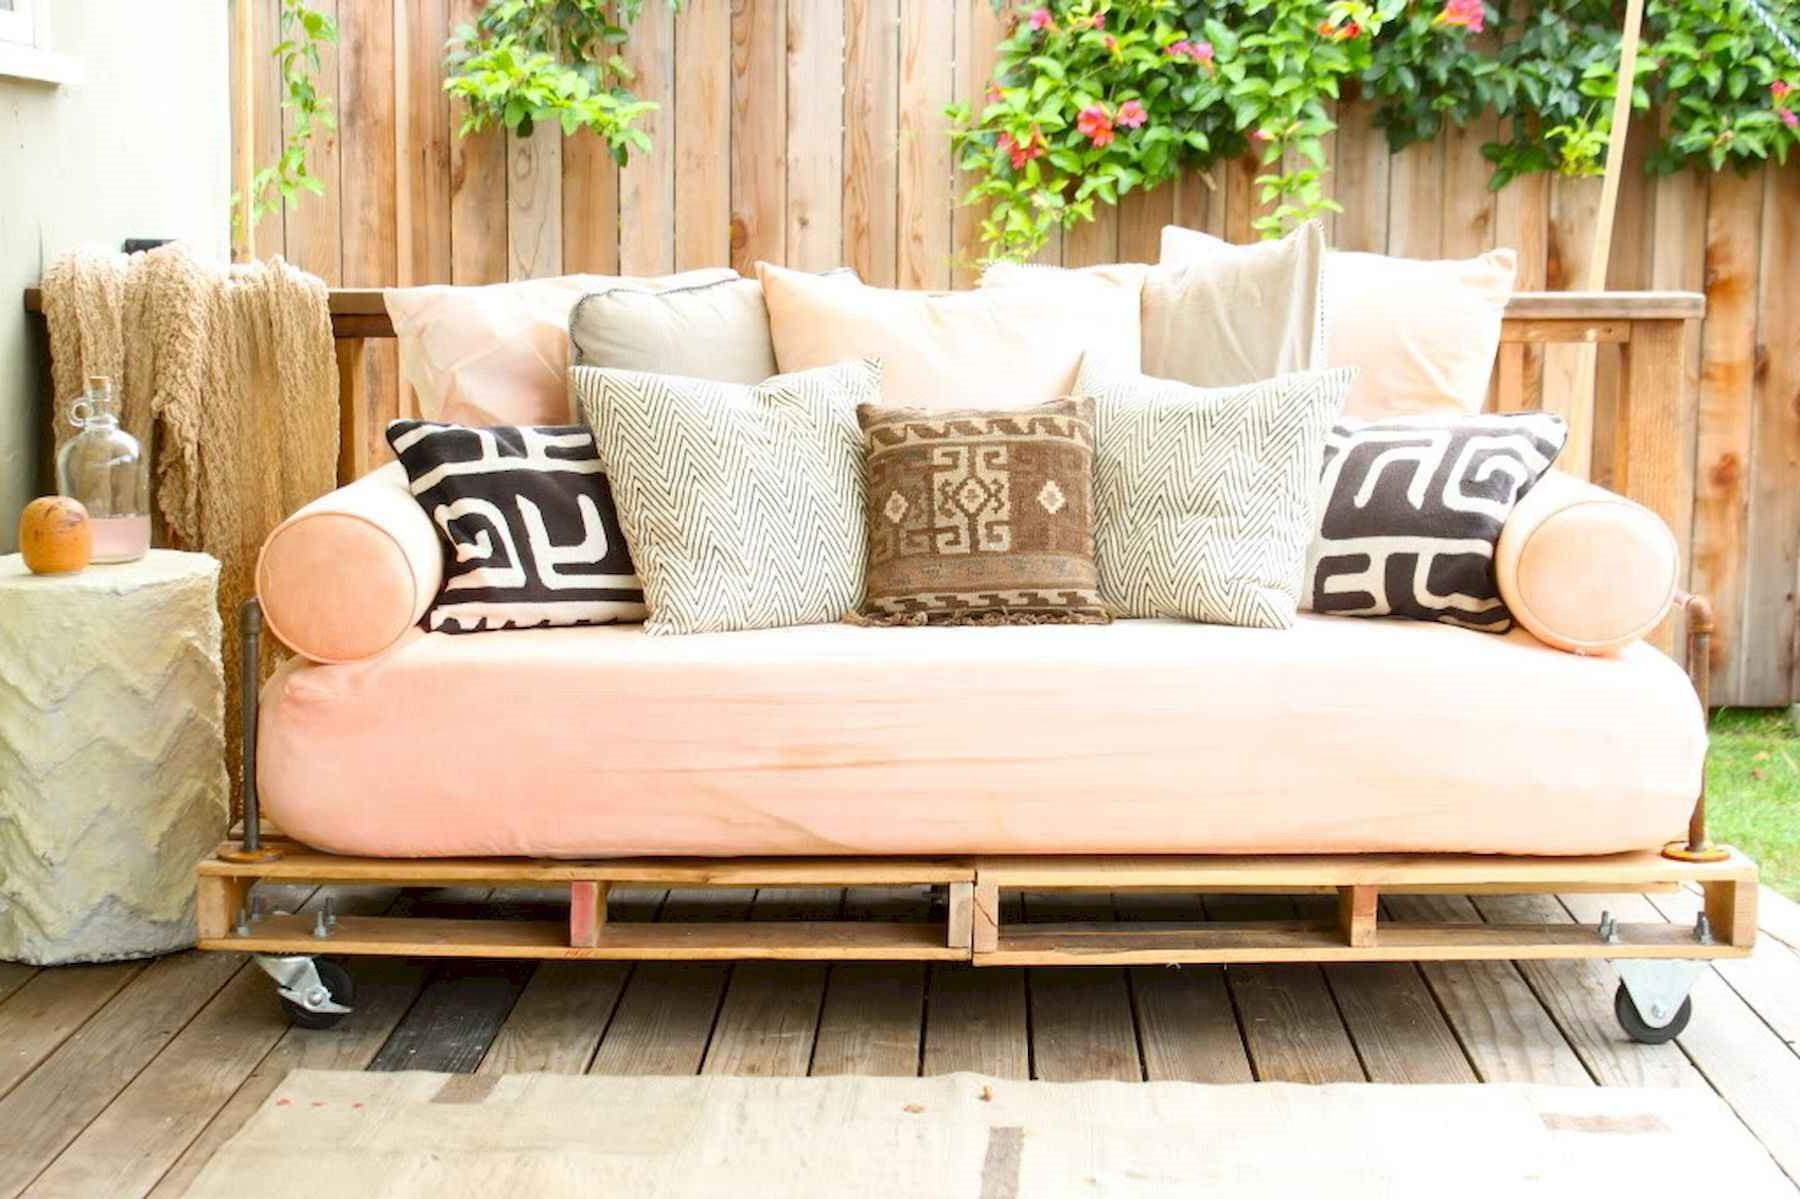 Déco en palette: projet bricolage de canapé à réaliser dans le weekend.